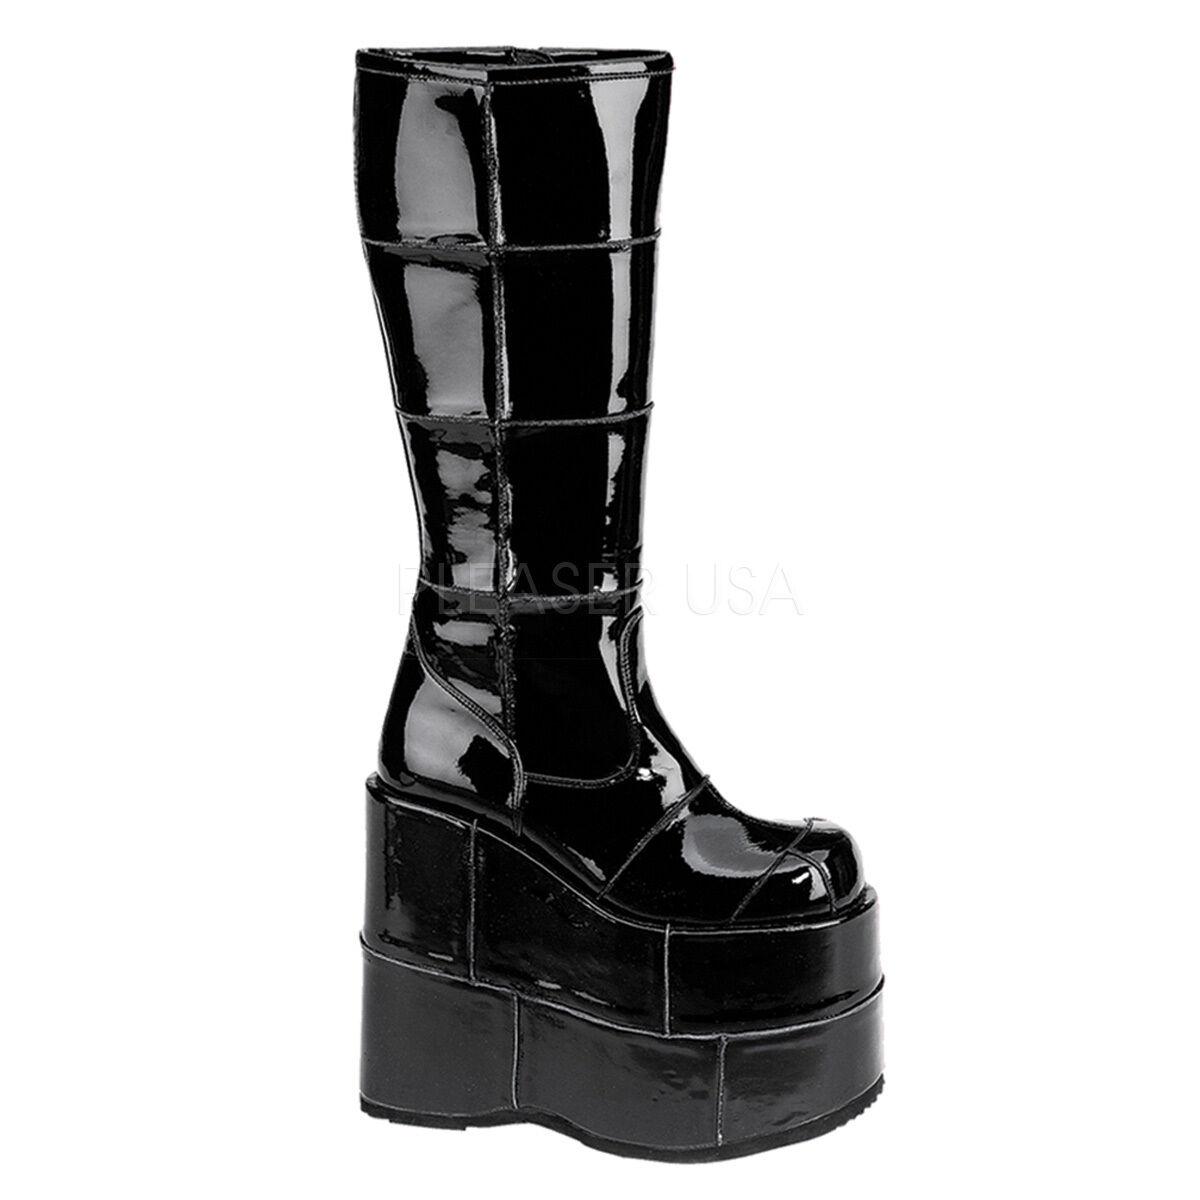 Demonia Pila 301 Damas Negro Negro Negro Patente Punk Goth Cuña Plataforma botas Infierno Vegano  todos los bienes son especiales